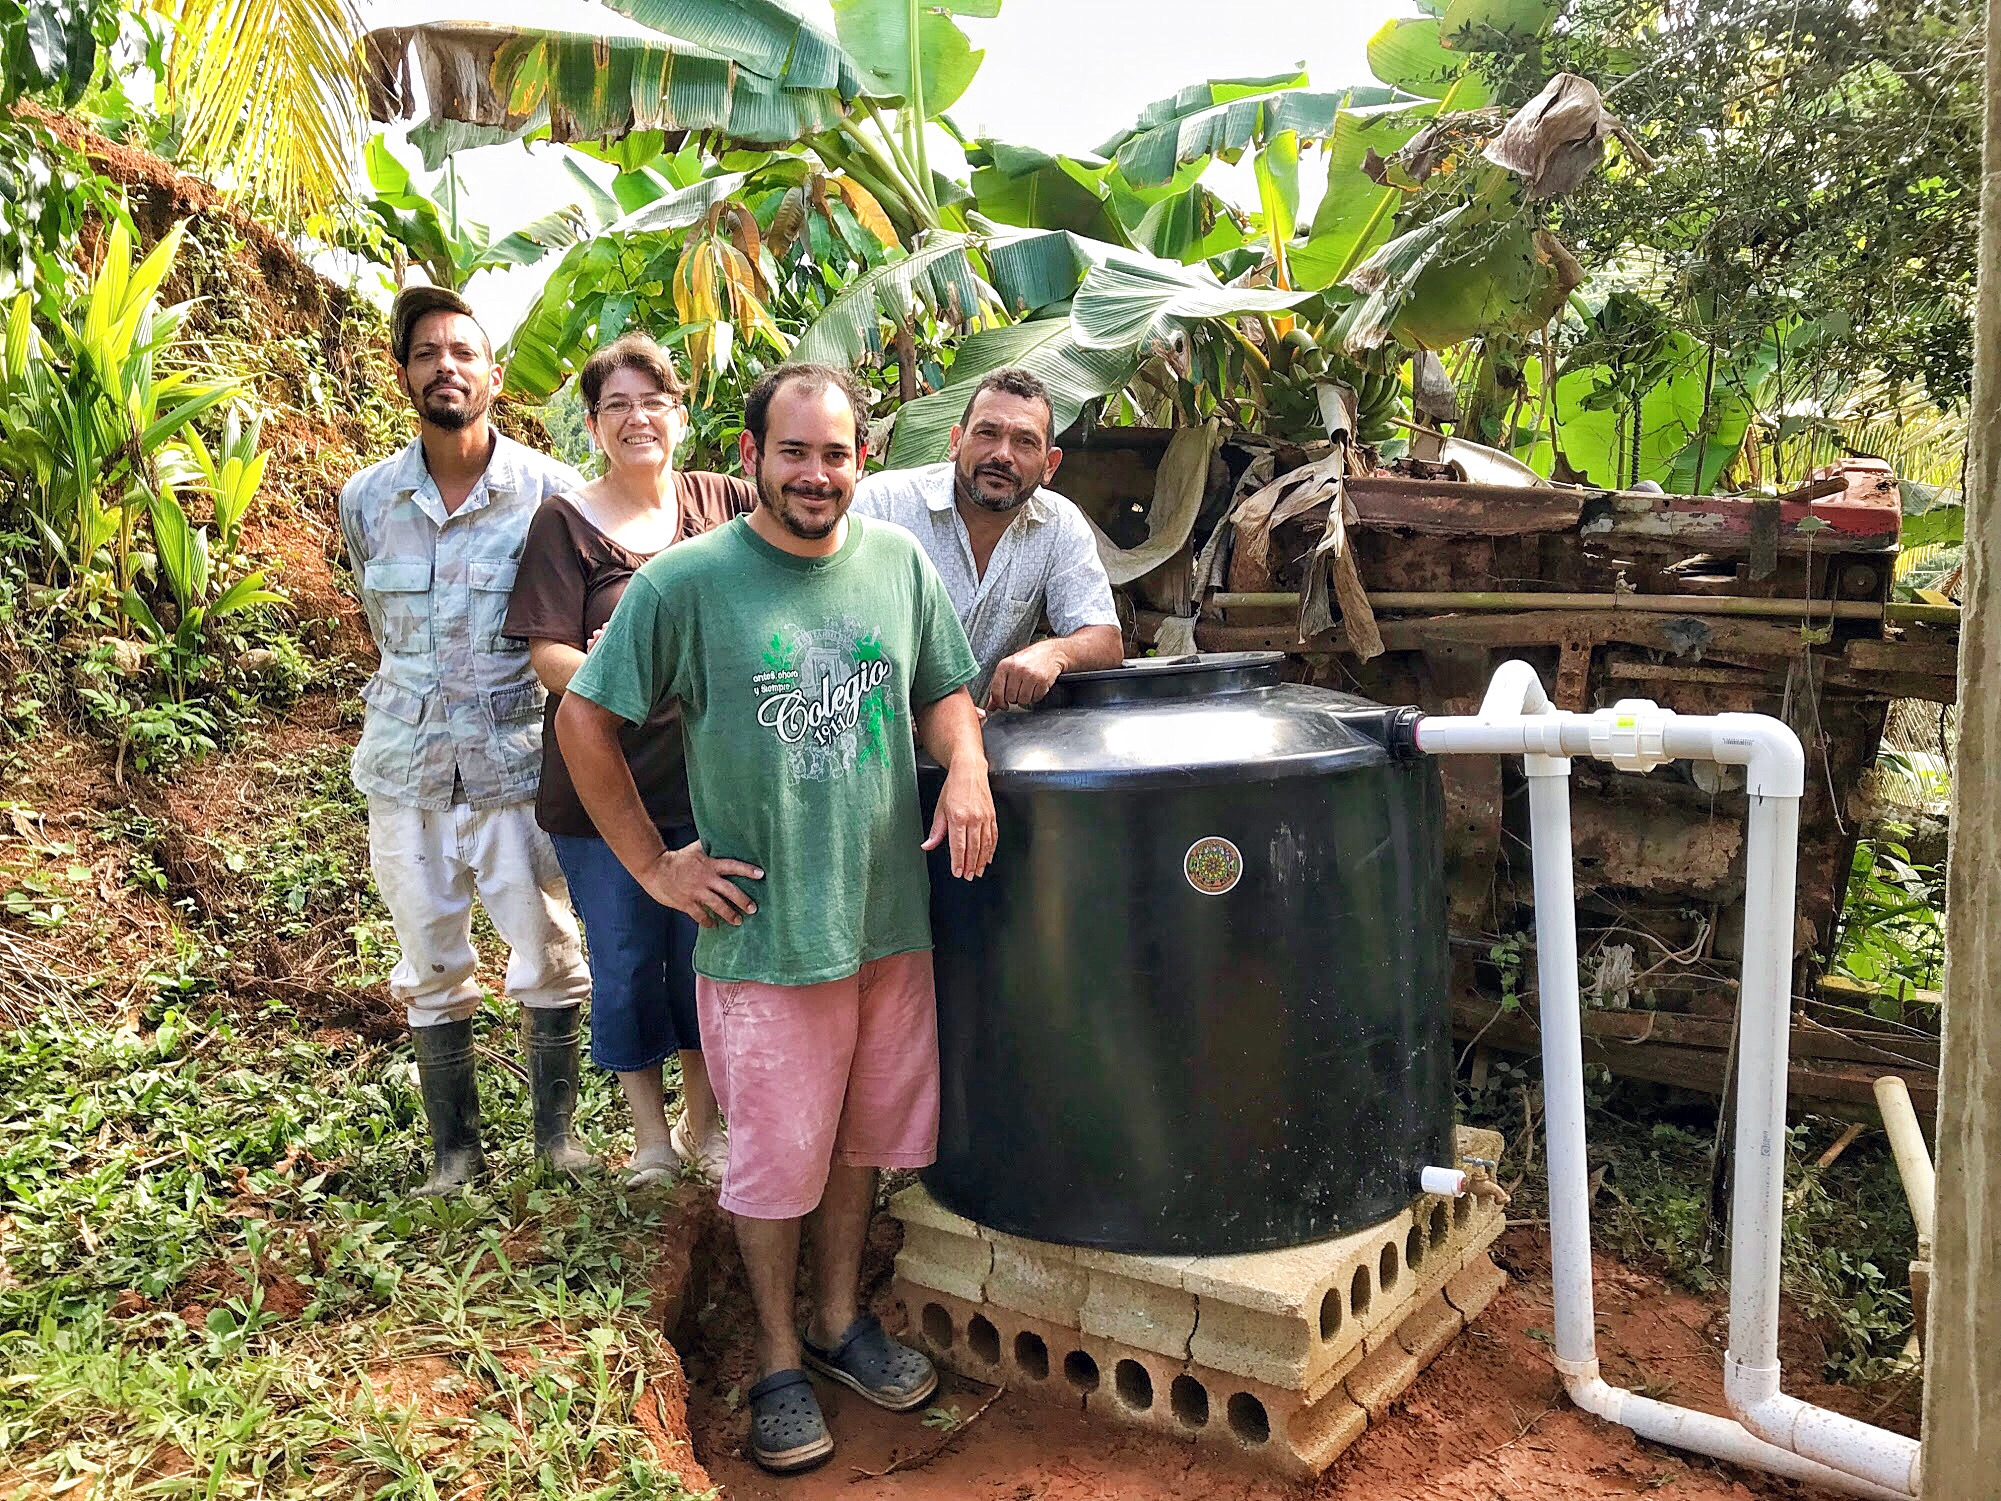 Equipan 20 hogares en Las Marías con cisternas de lluvia - EL NUEVO DÍA   SÁBADO, 15 DE JUNIO DE 2019La organización sin fines de lucro Plenitud PR escoge y adiestra a familias del municipio para que no les falta el agua durante futuras emergencias.Miriam González Lamberti no disimula cuando habla sobre la cisterna de agua de lluvia que tiene en su casa, en el barrio Altosano de este pueblo, hace poco más de tres meses…(lee más)